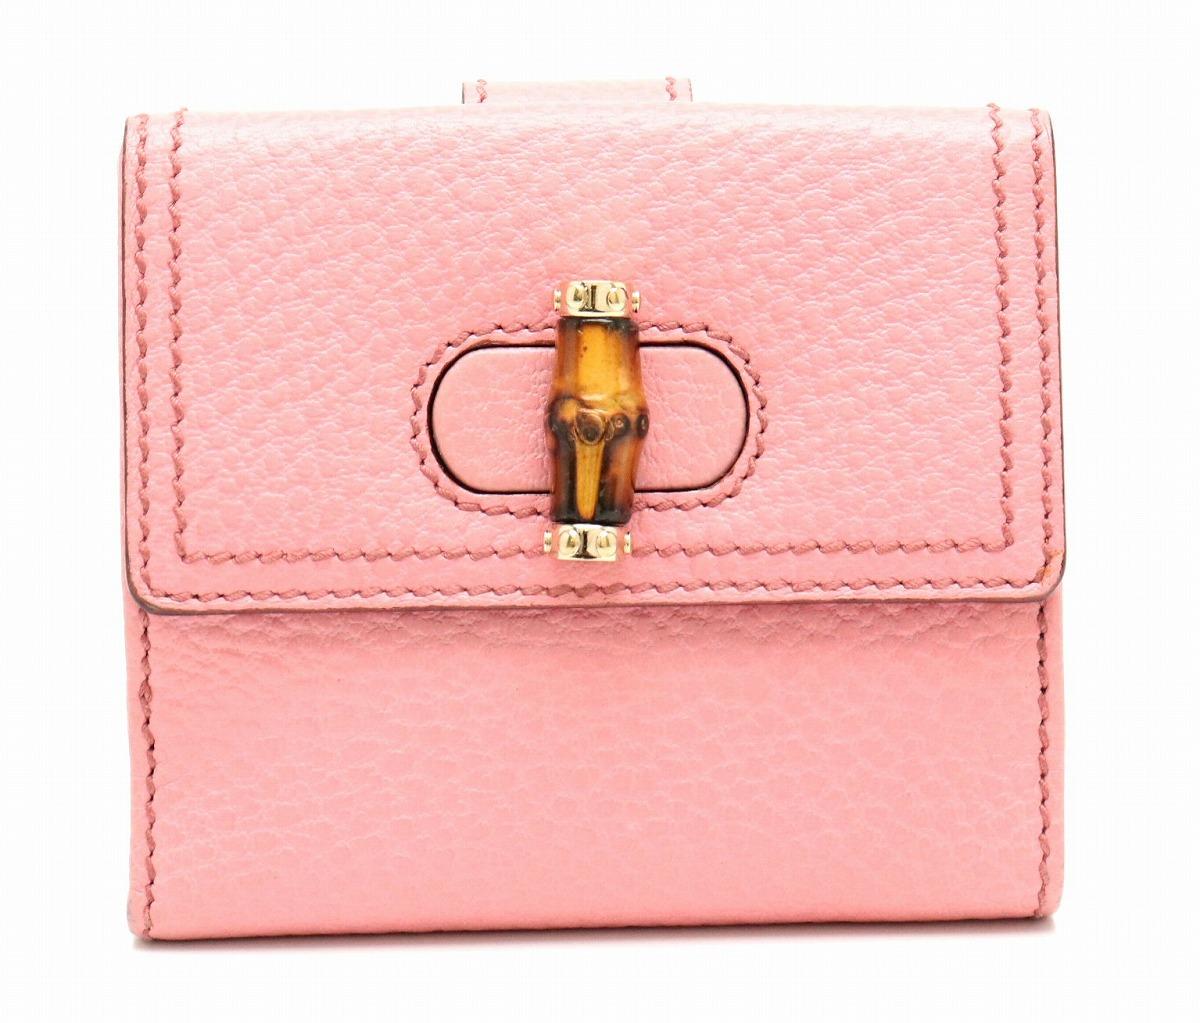 【財布】GUCCI グッチ バンブー Wホック 2つ折財布 レザー ピンク ゴールド金具 138035 0416 【中古】【s】